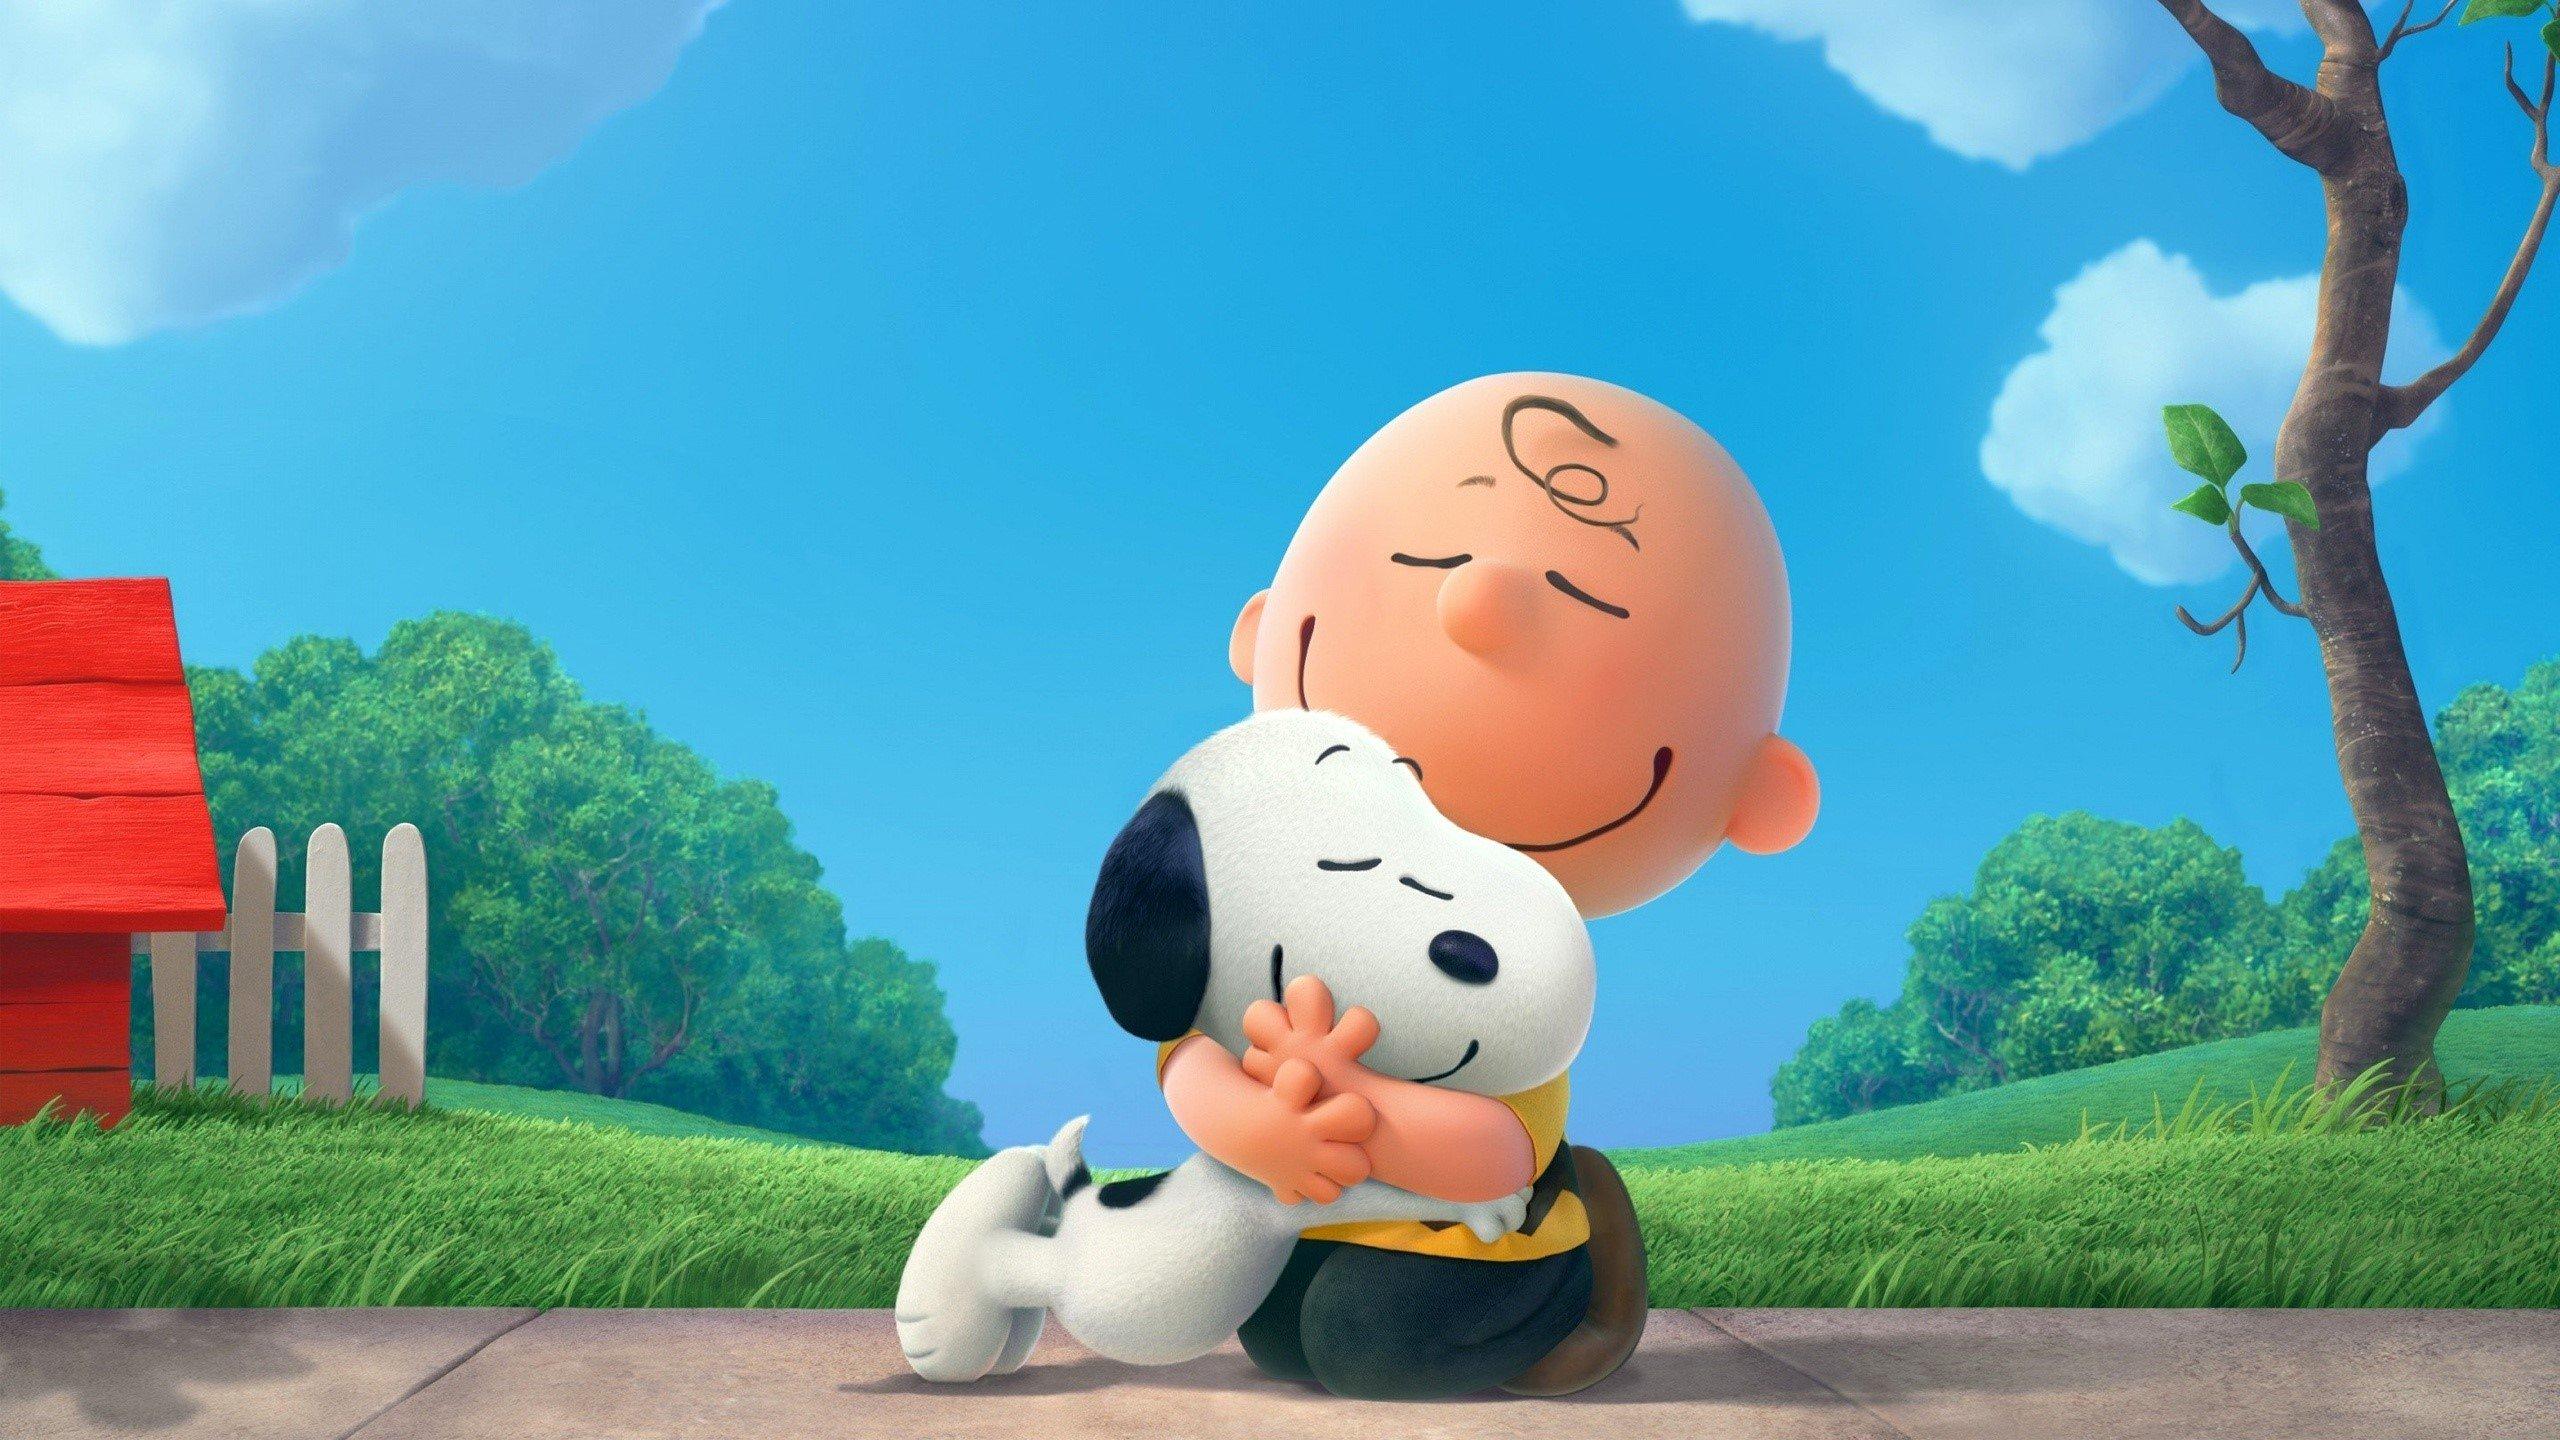 Fondos de pantalla Charlie Brown y Snoopy